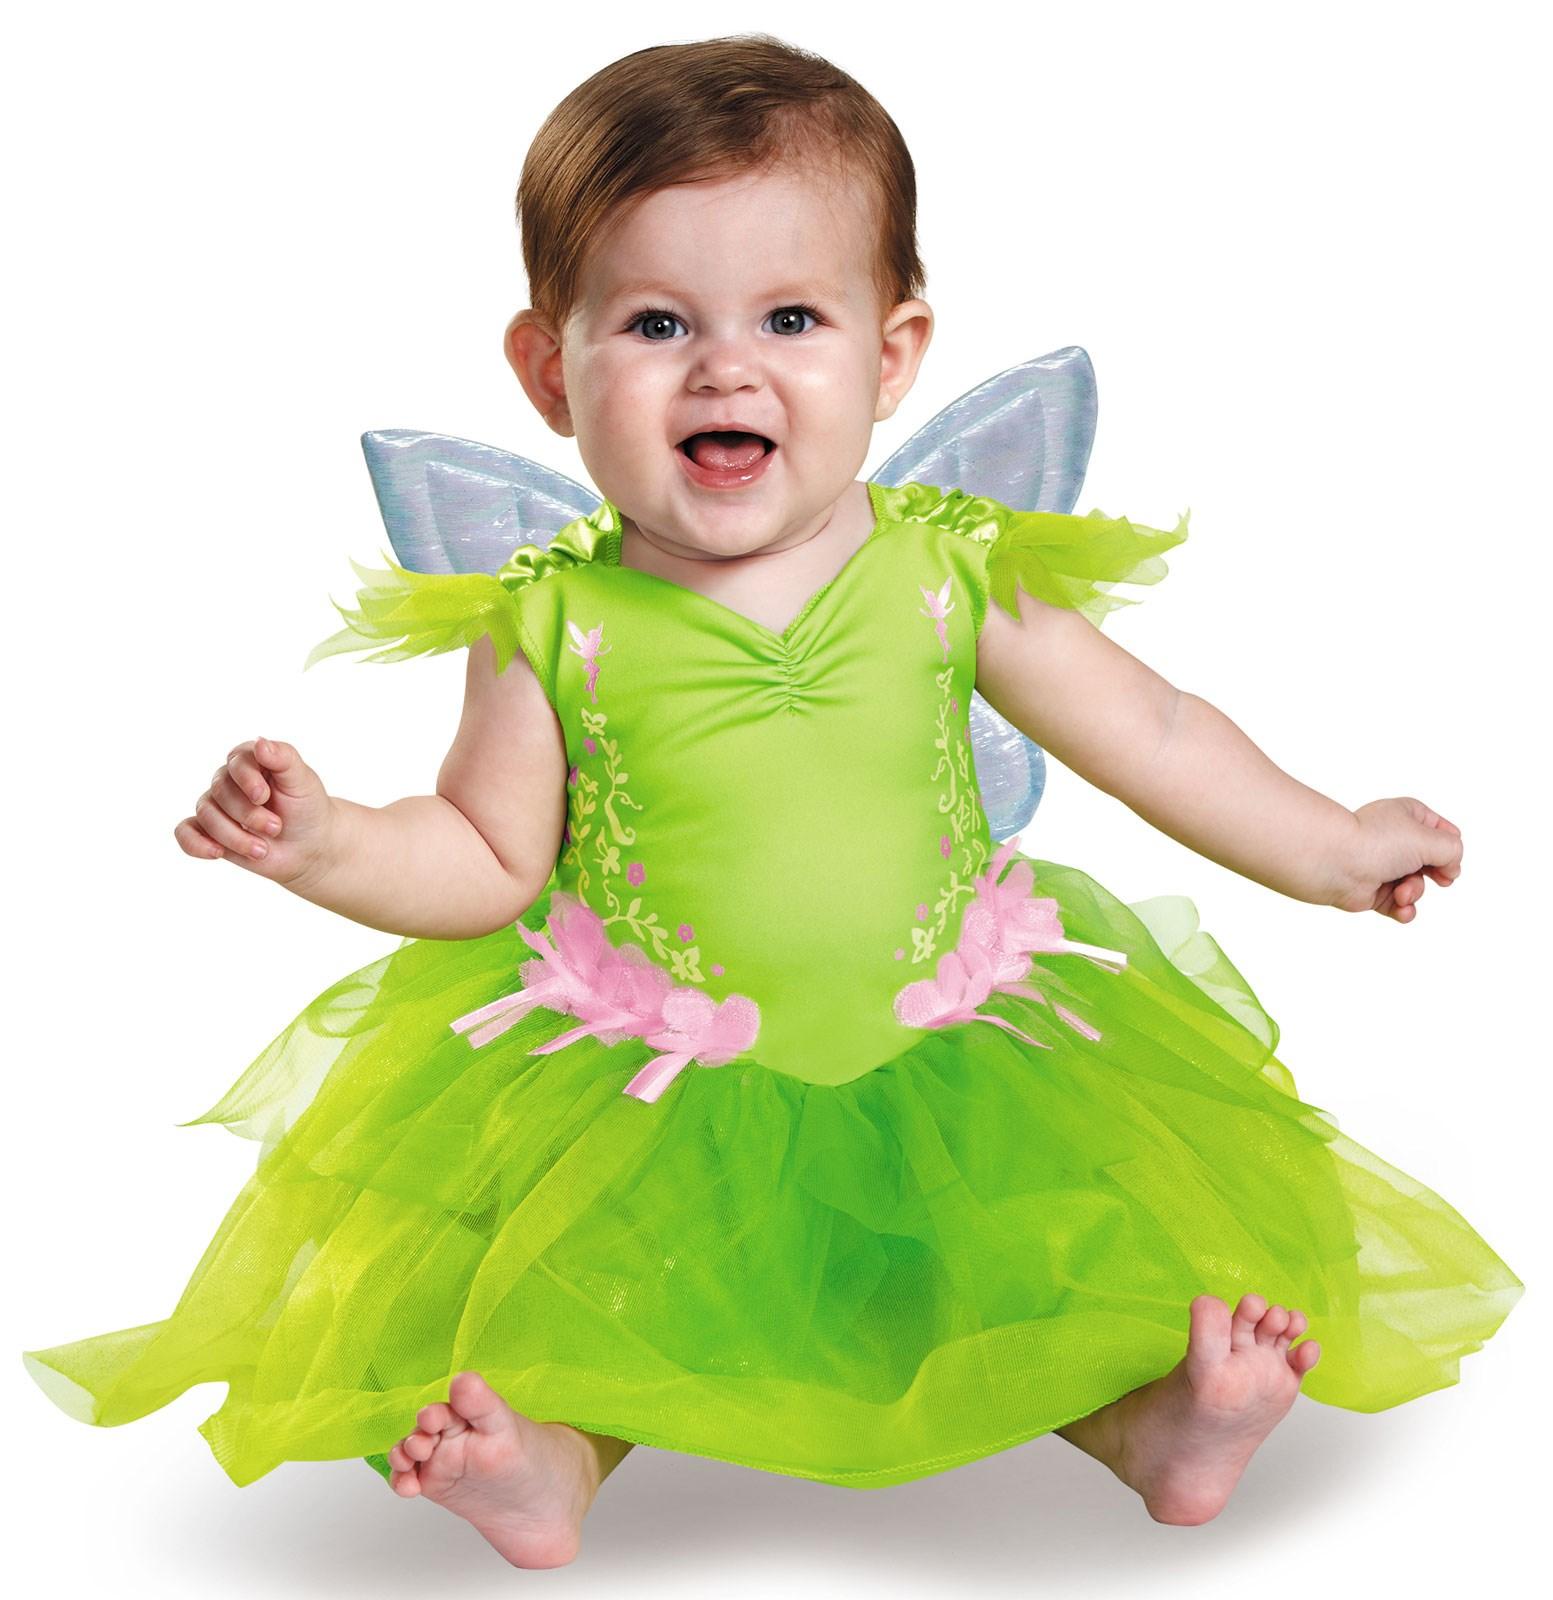 Disney Toddler Deluxe Tinker Bell Costume